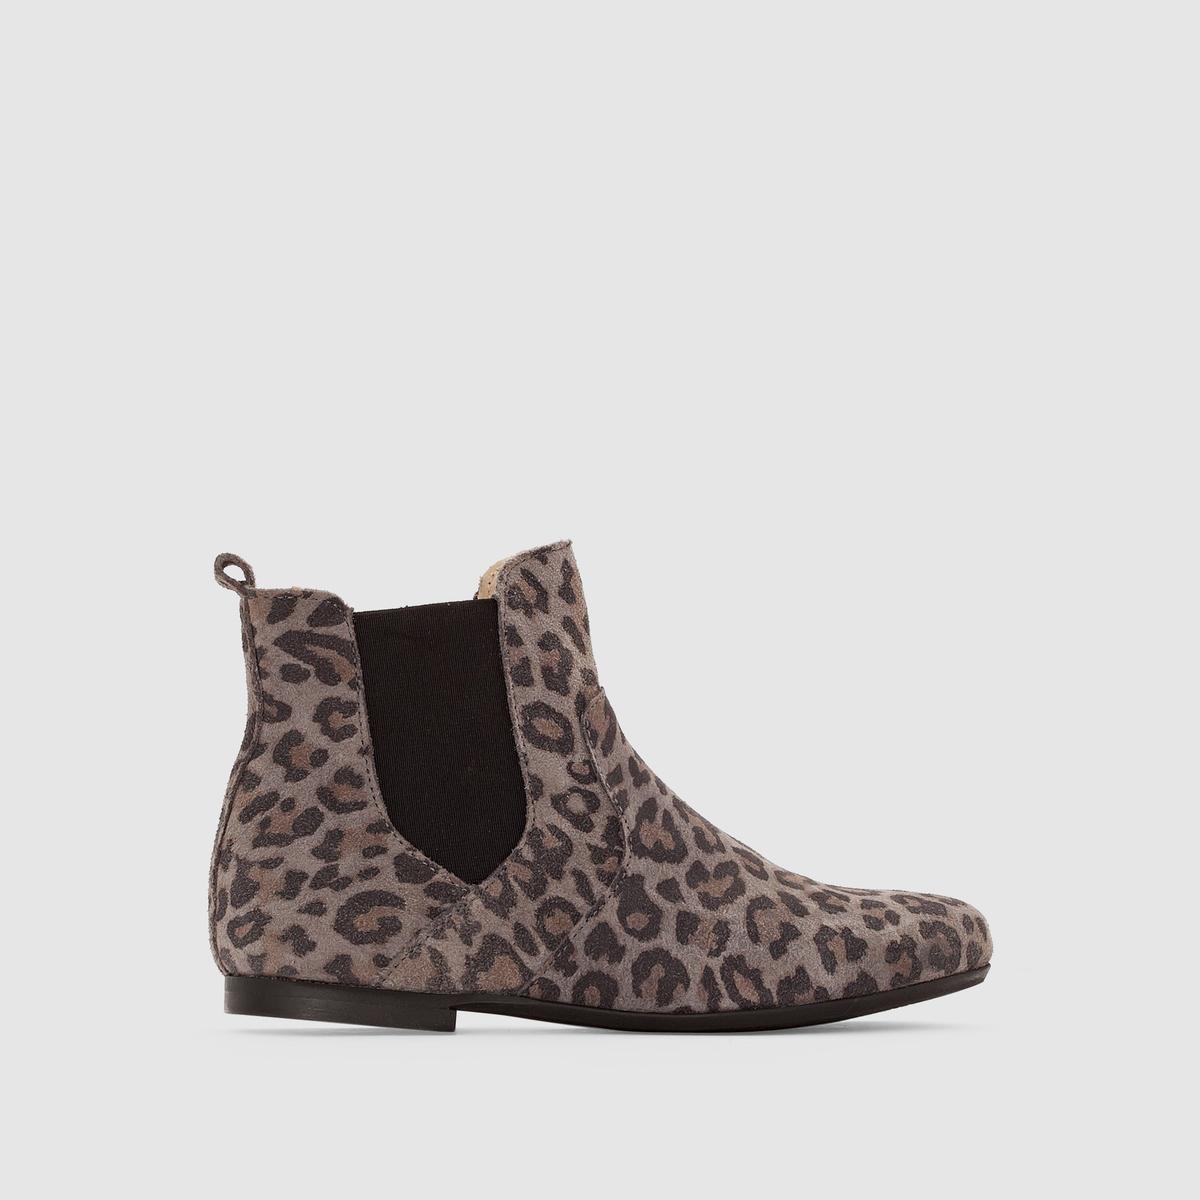 Ботильоны из спилка с леопардовым рисунком ботинки из спилка